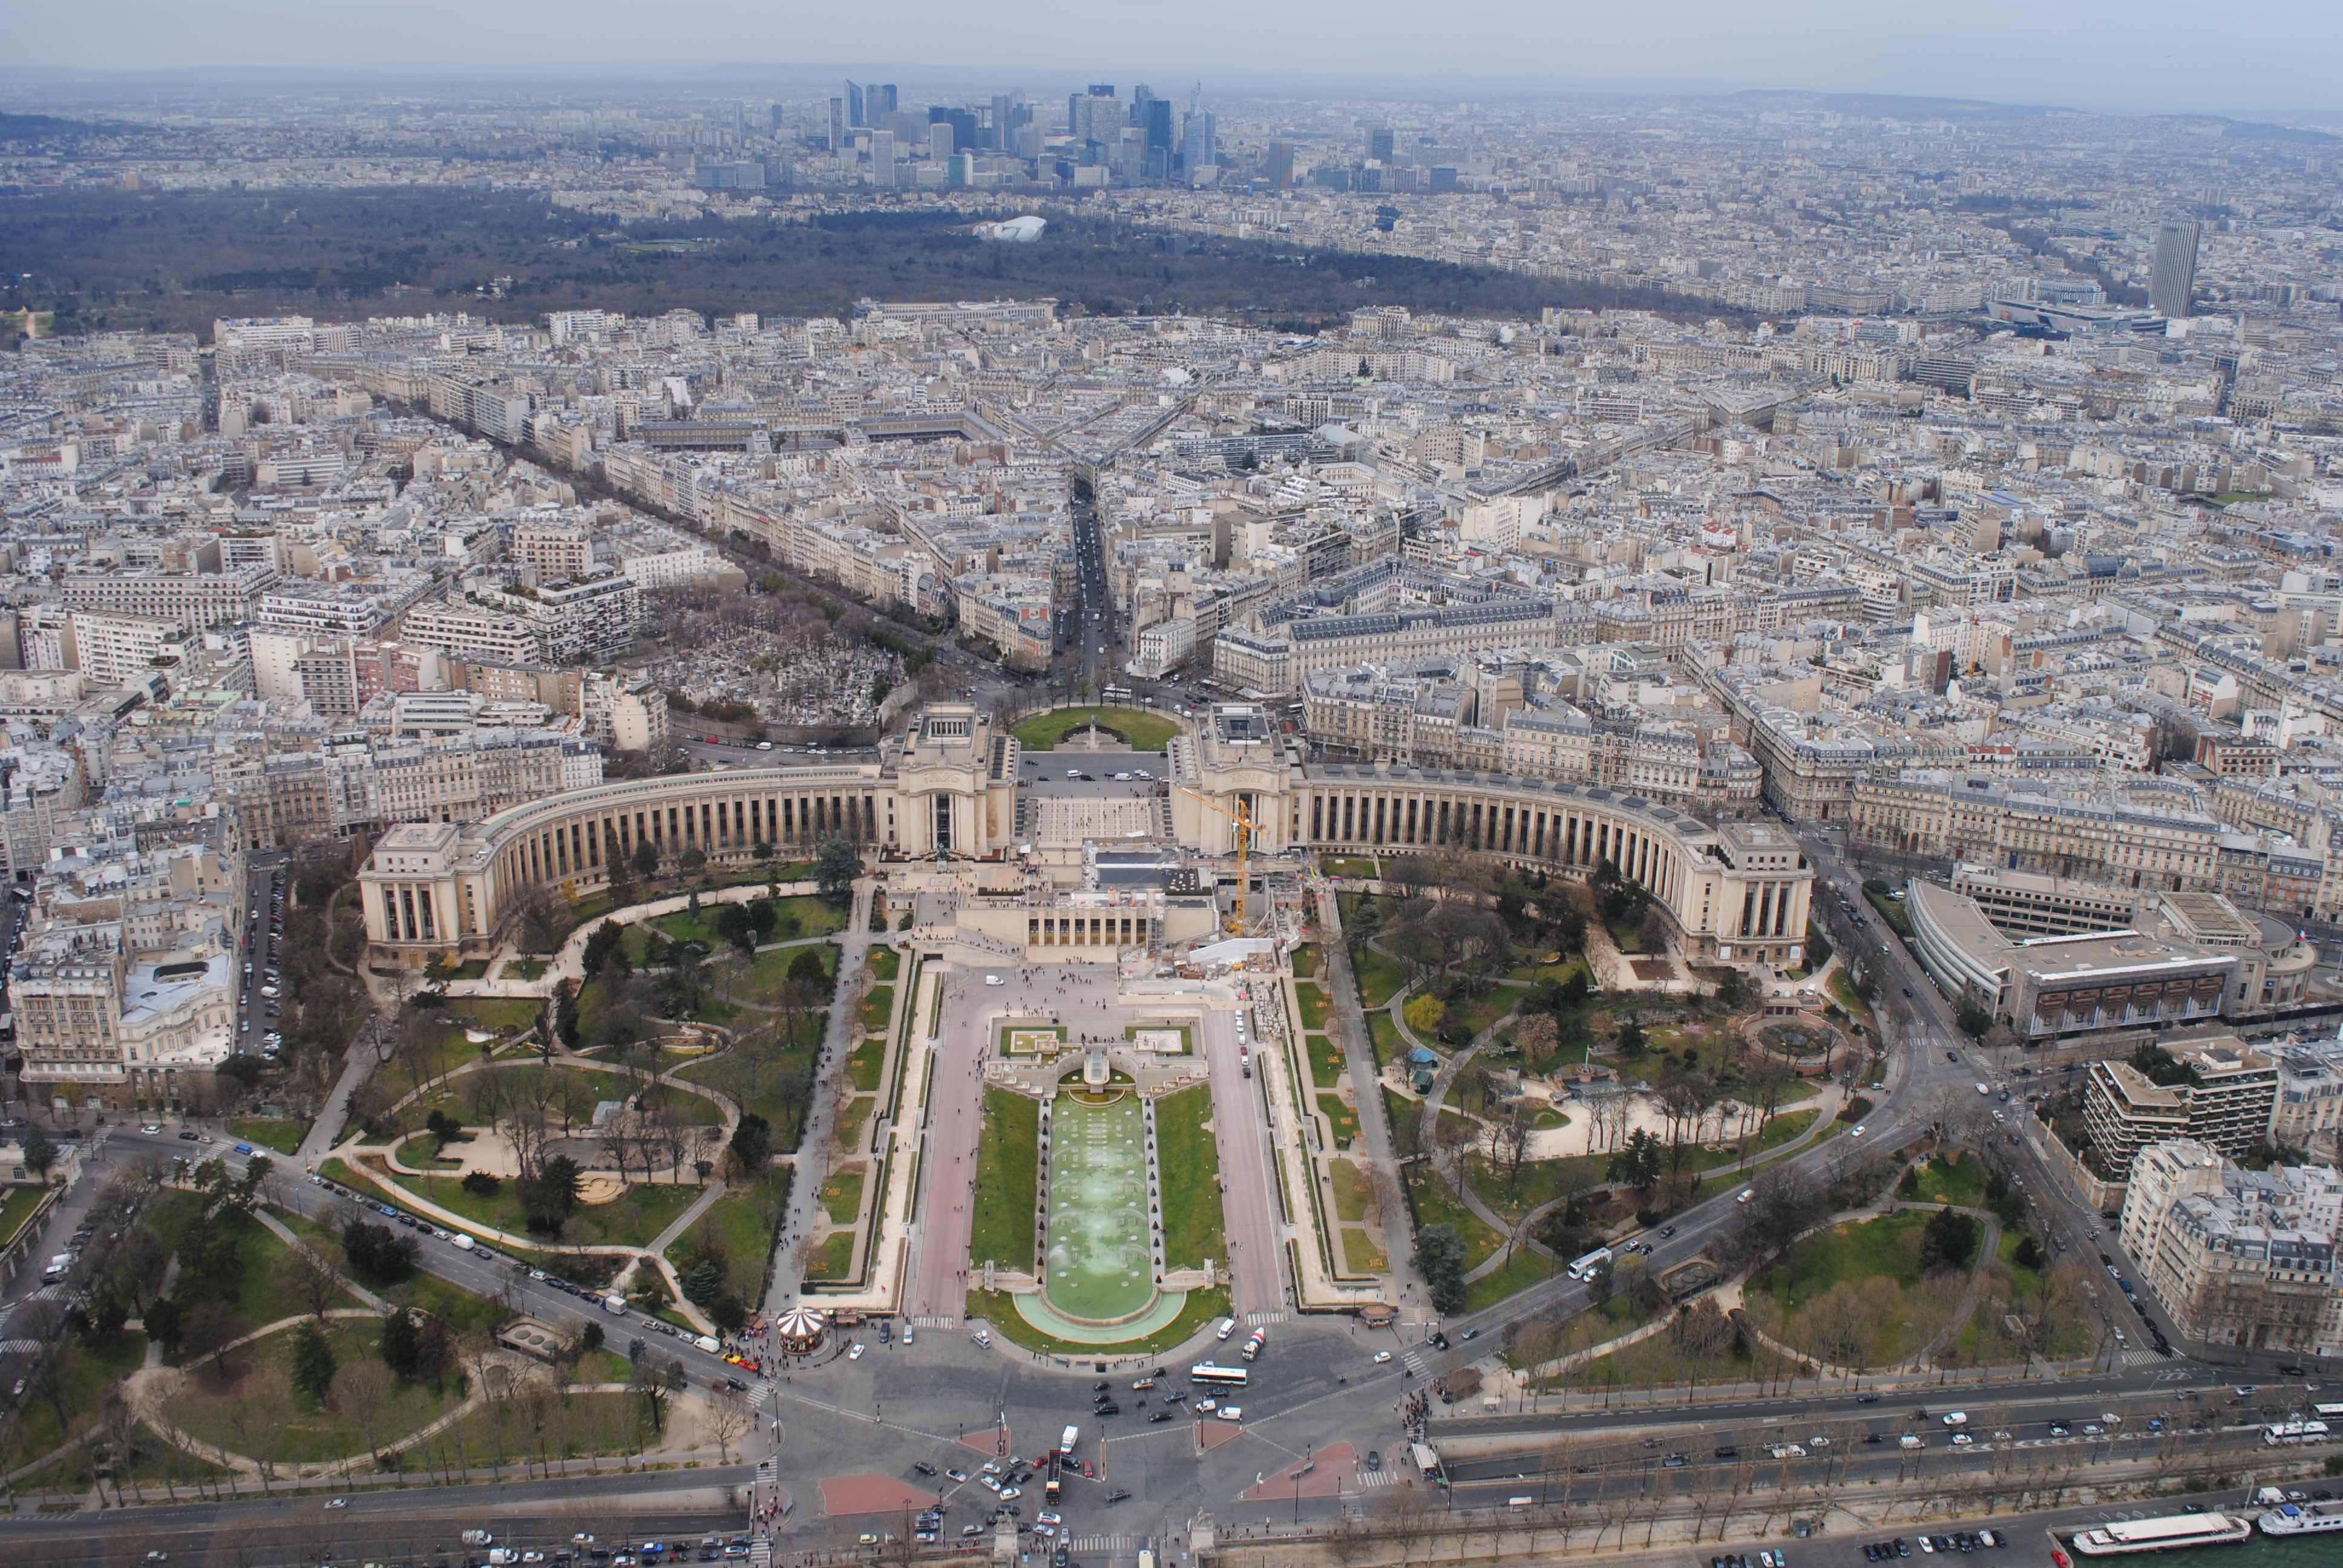 Vista-dalla-Tour-Eiffel